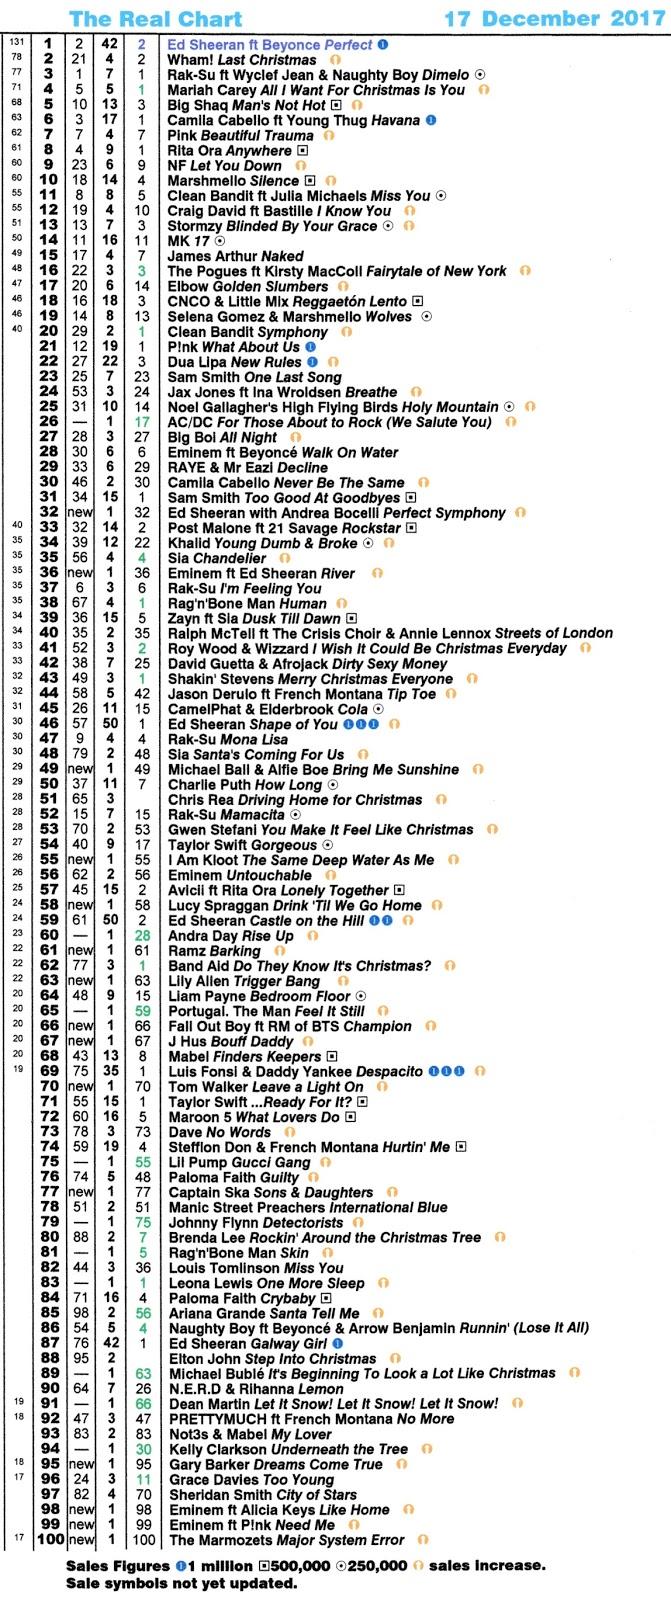 Cape may tide chart choice image free any chart examples cedar key tide chart choice image free any chart examples tide chart ogunquit gallery free any nvjuhfo Choice Image